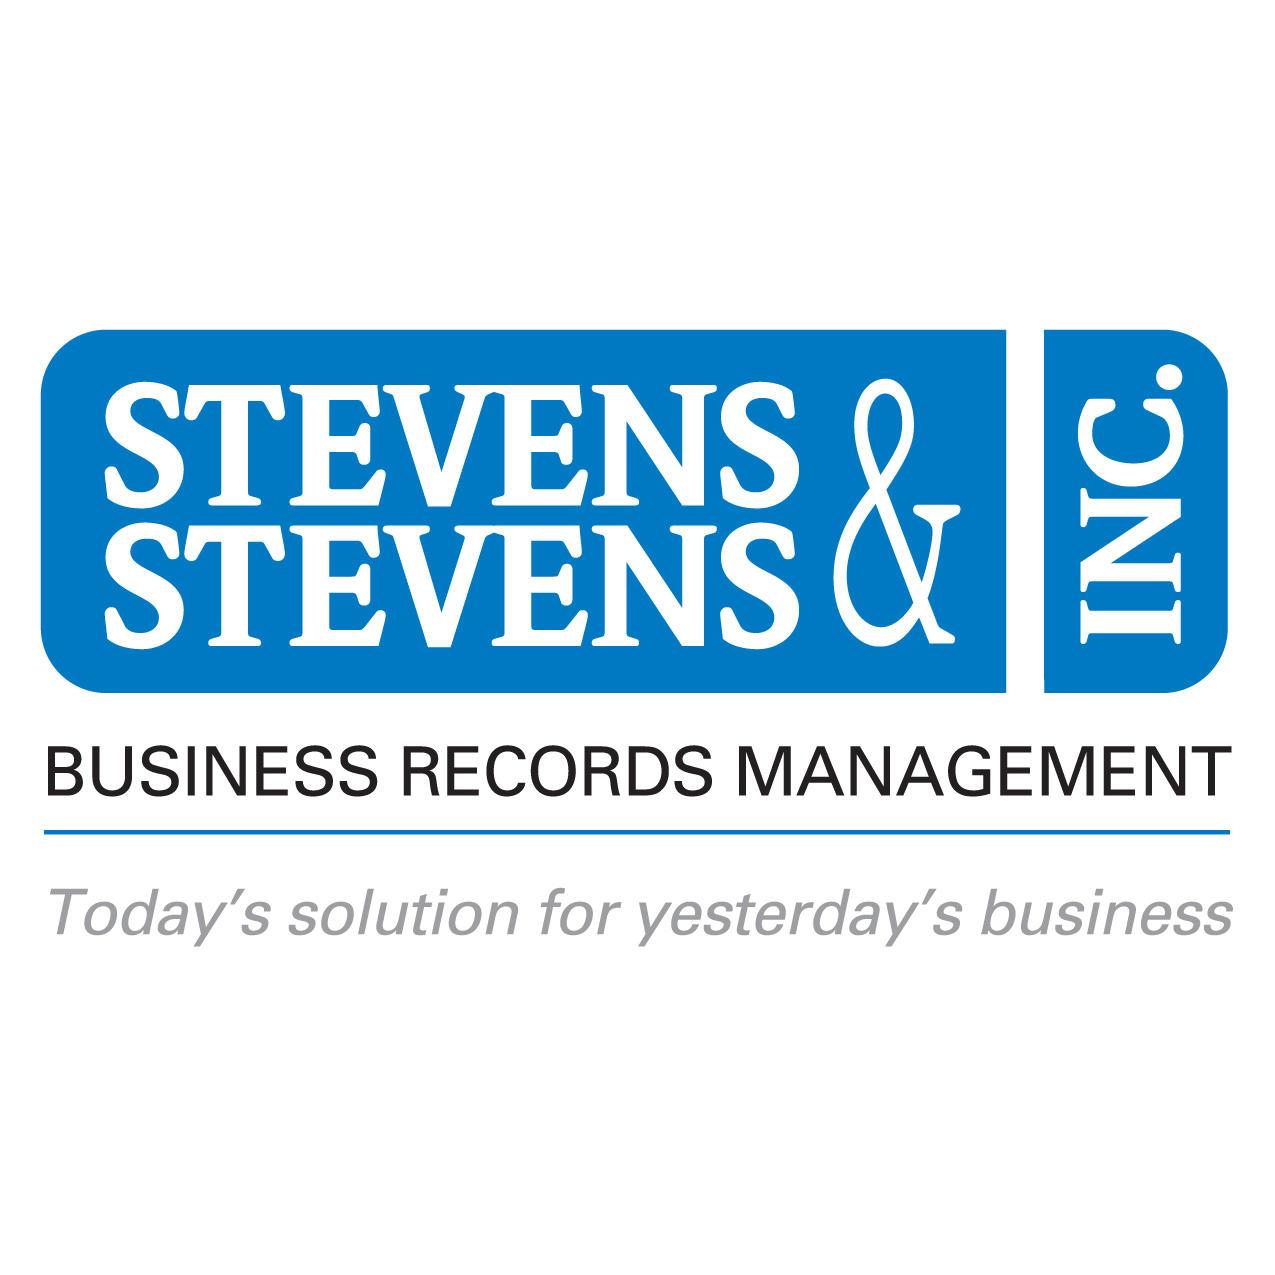 Stevens & Stevens Business Records Management